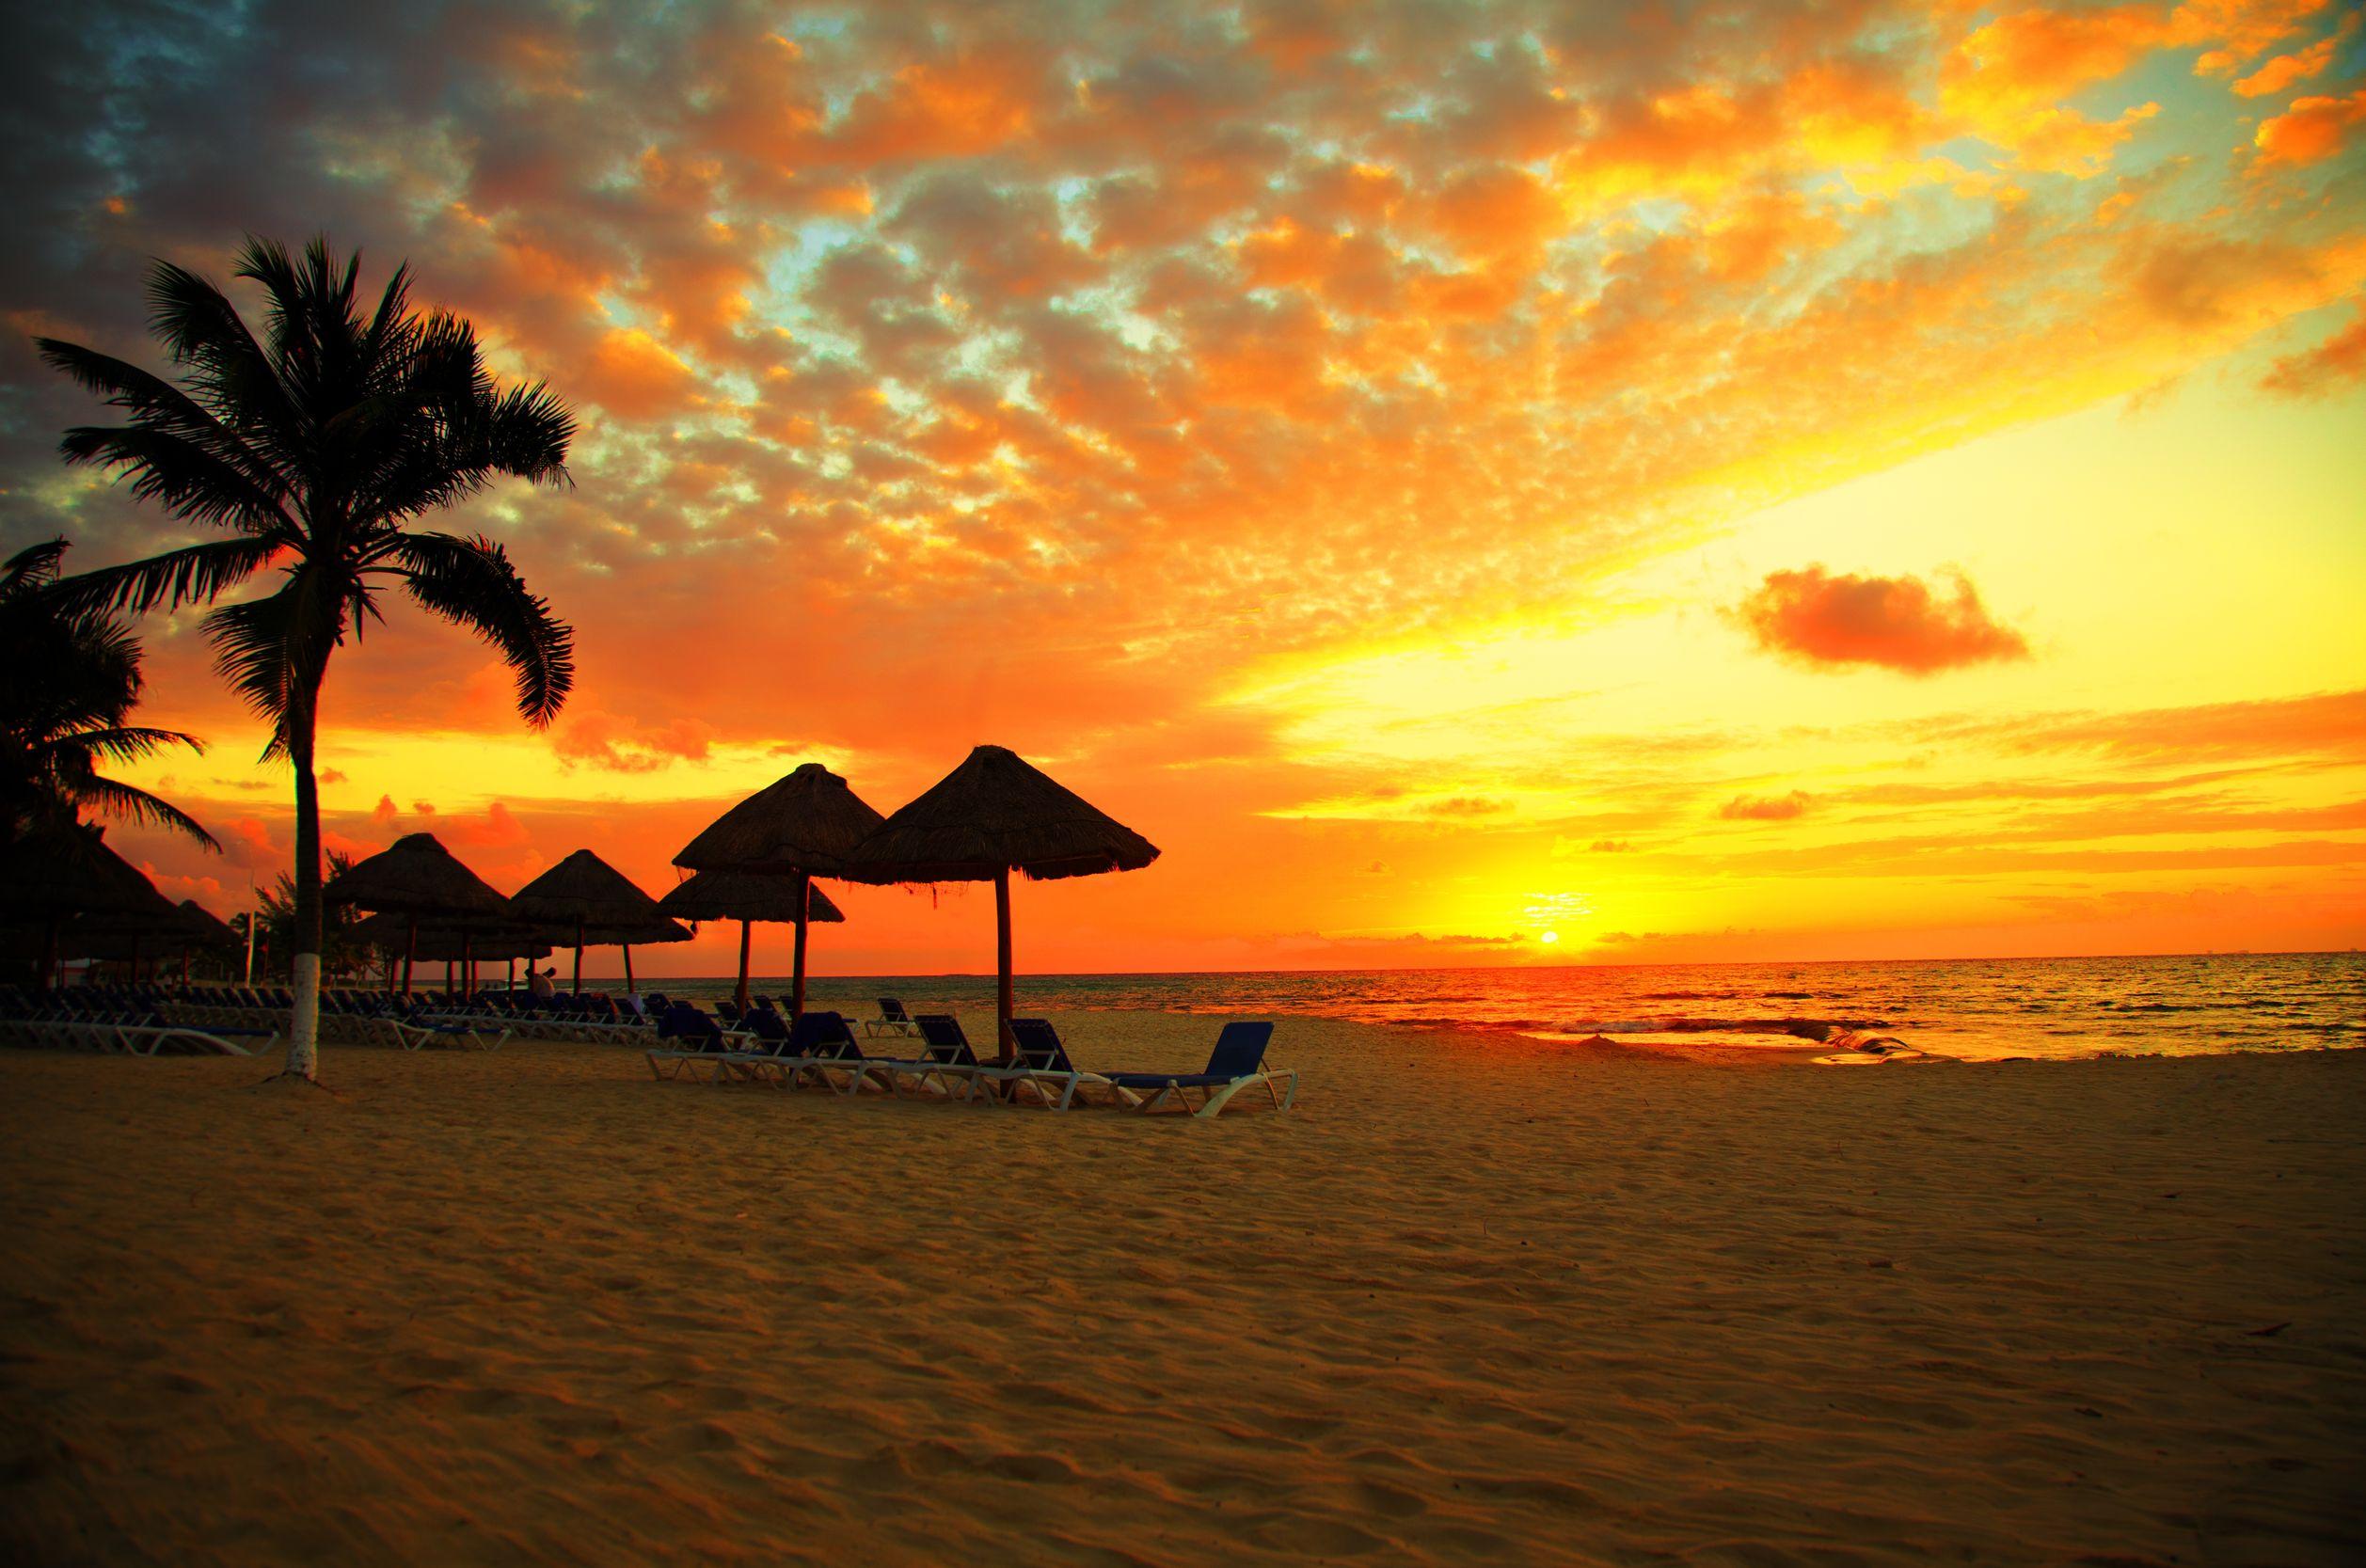 australia coastal sunset 123rf